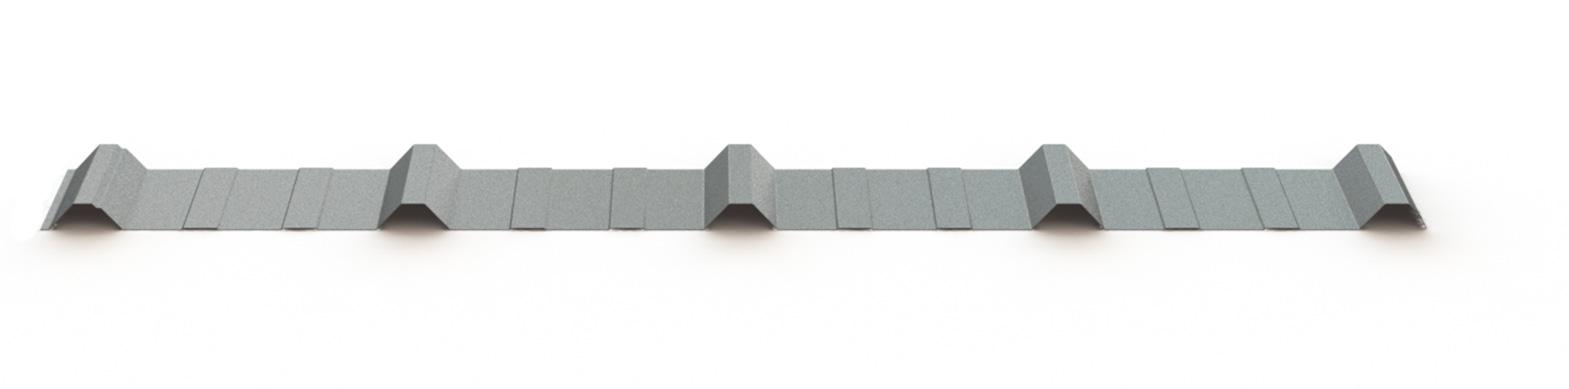 I/9 Panel Render - Forma Steel